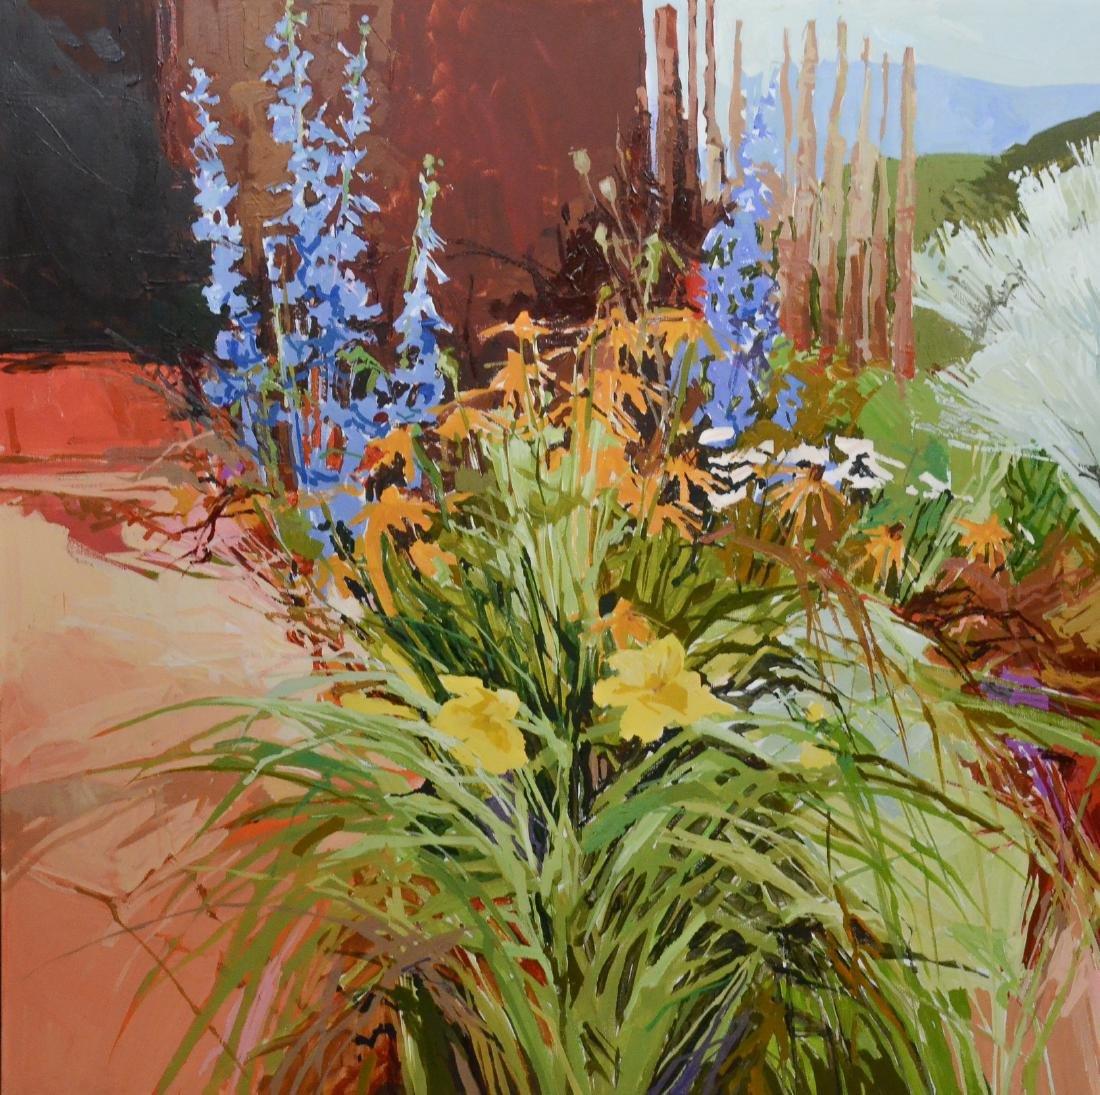 Douglas Atwill, Santa Fe, acrylic/linen